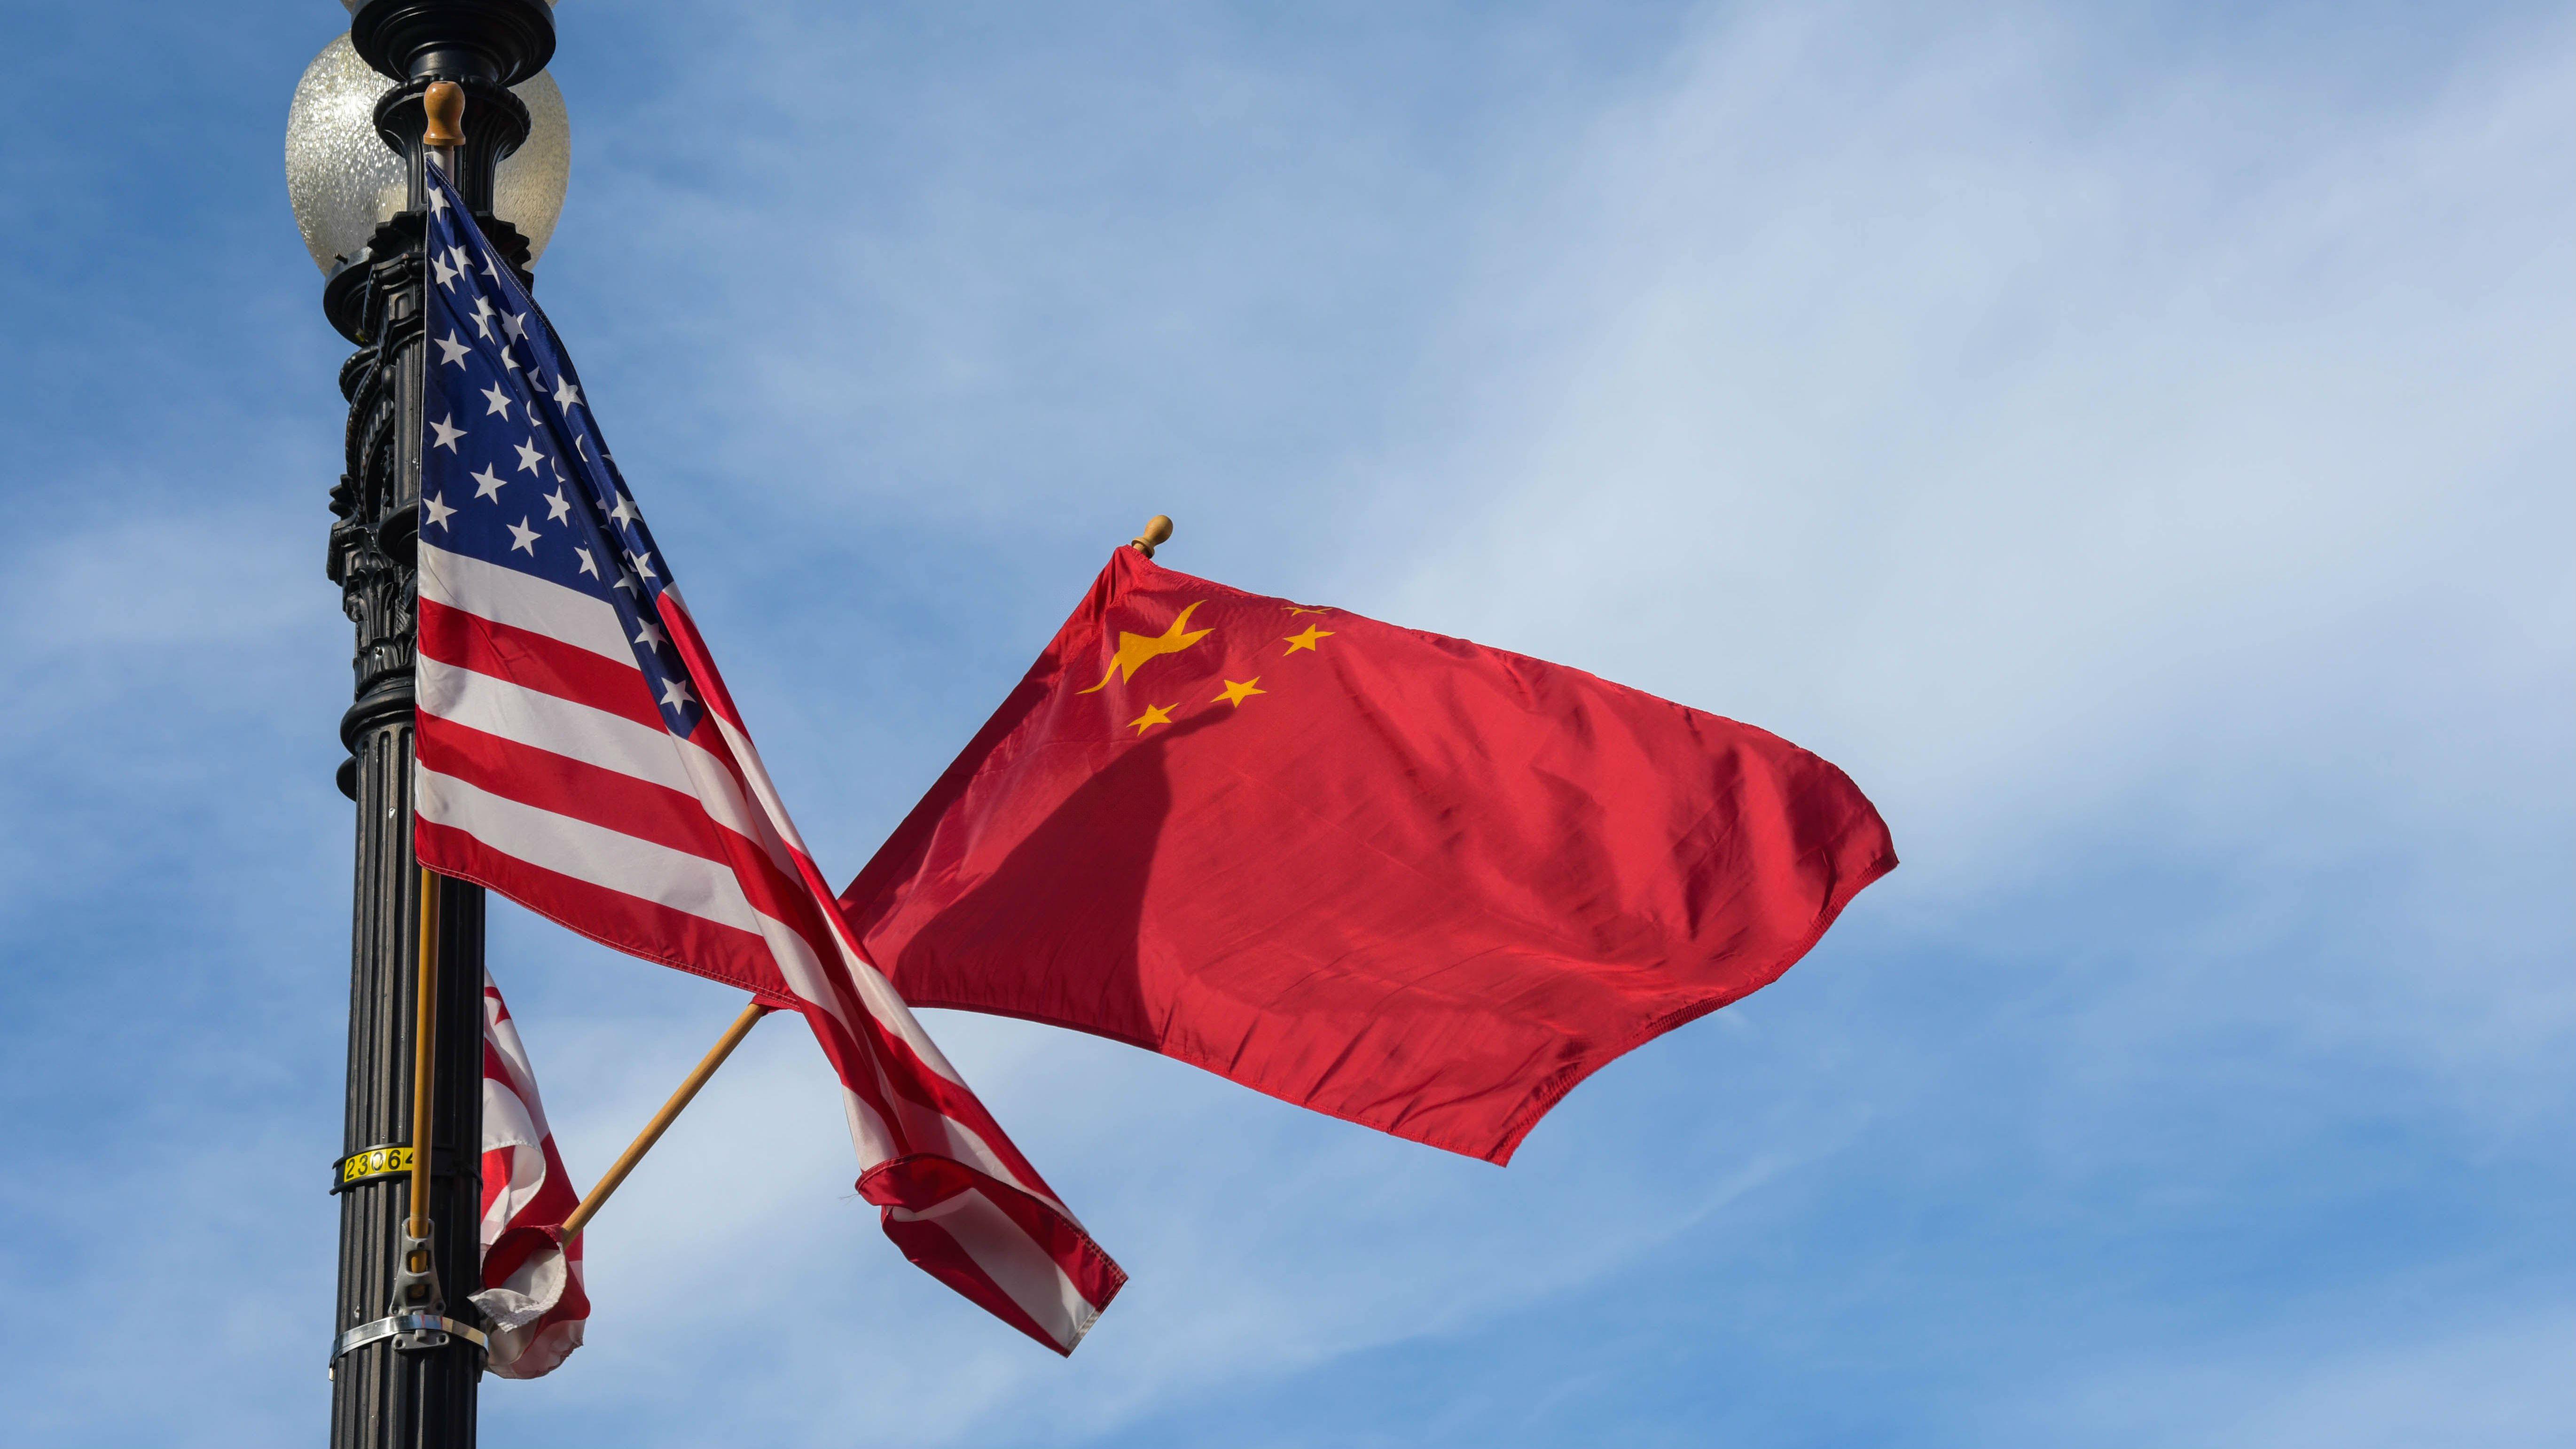 外媒评述:美国升级贸易战危及世界经济